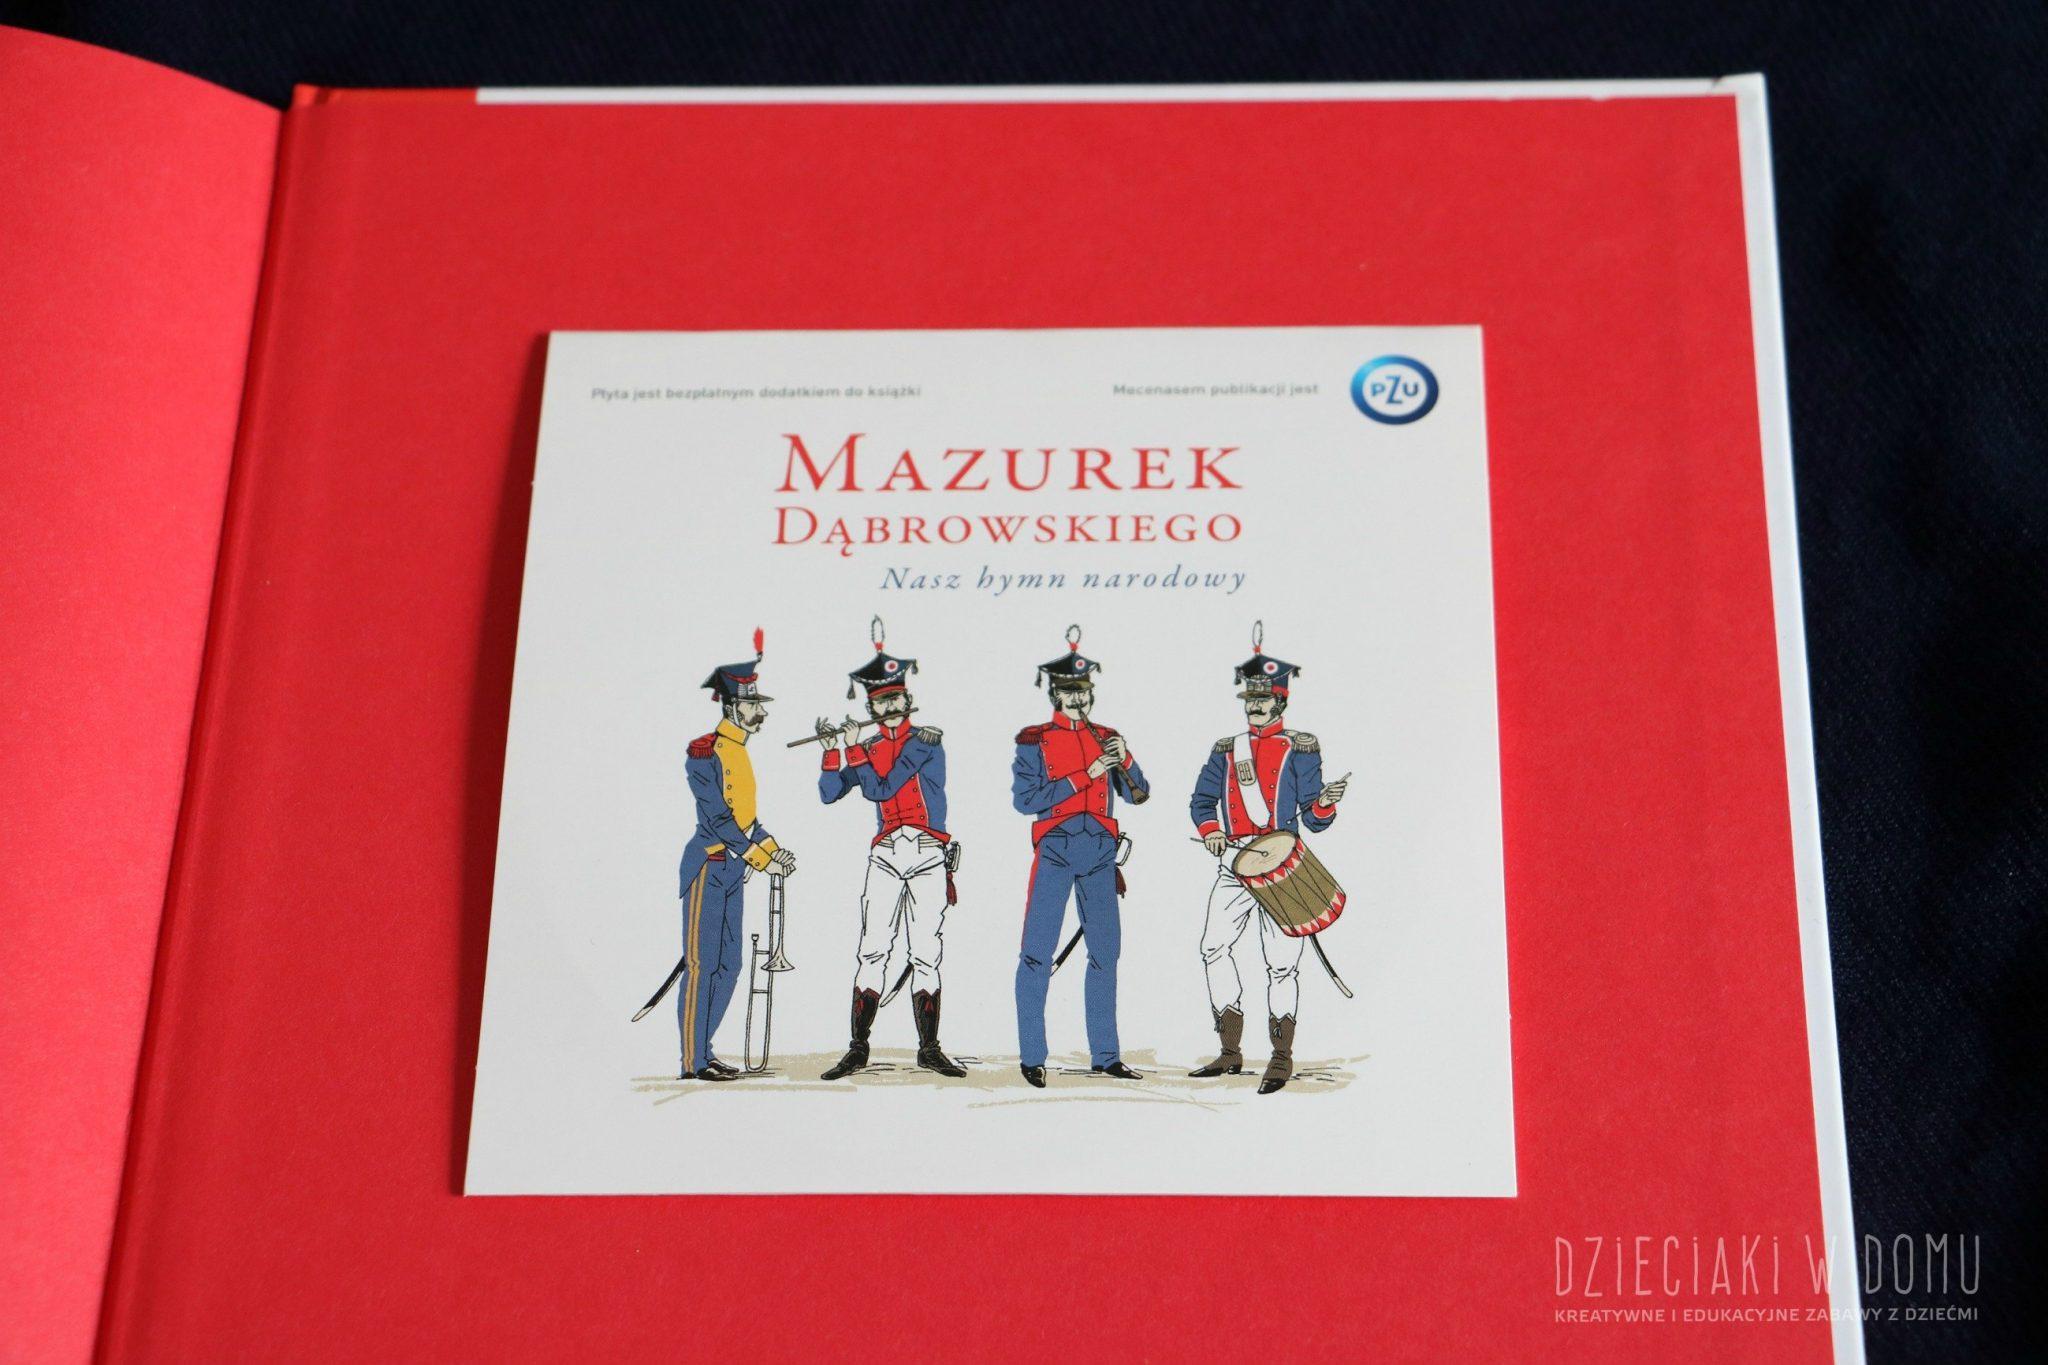 mazurek-dabrowskiego-hymn-narodowy-3